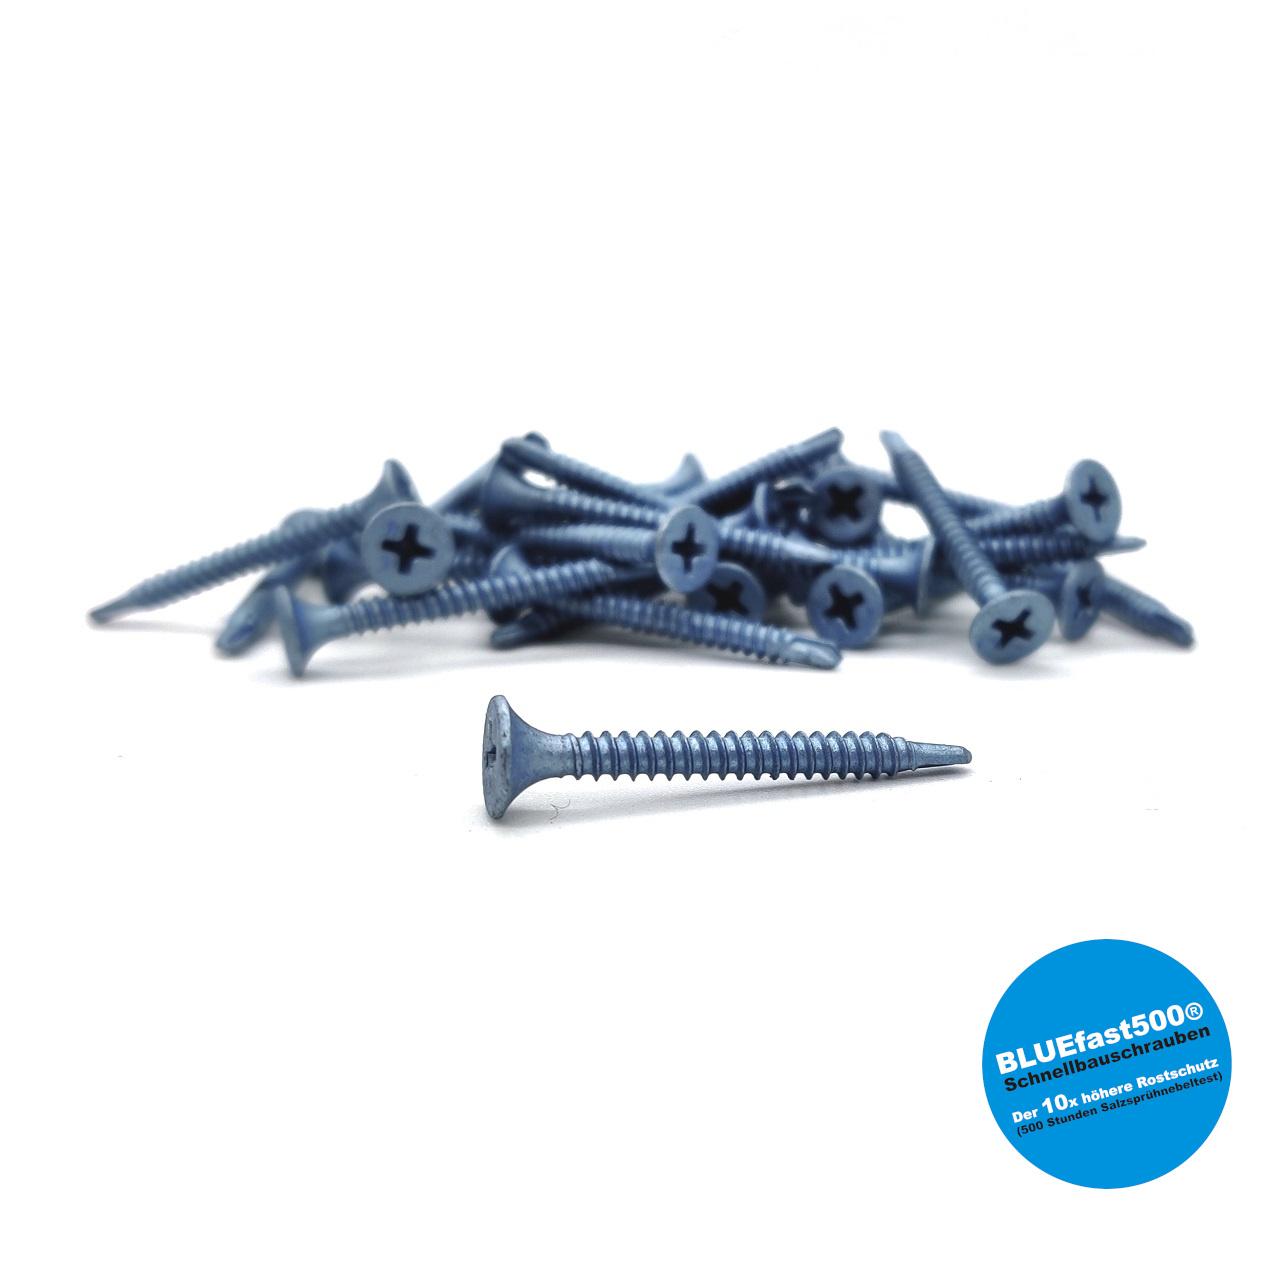 BLUEfast500® Schnellbauschrauben | Bohrspitze